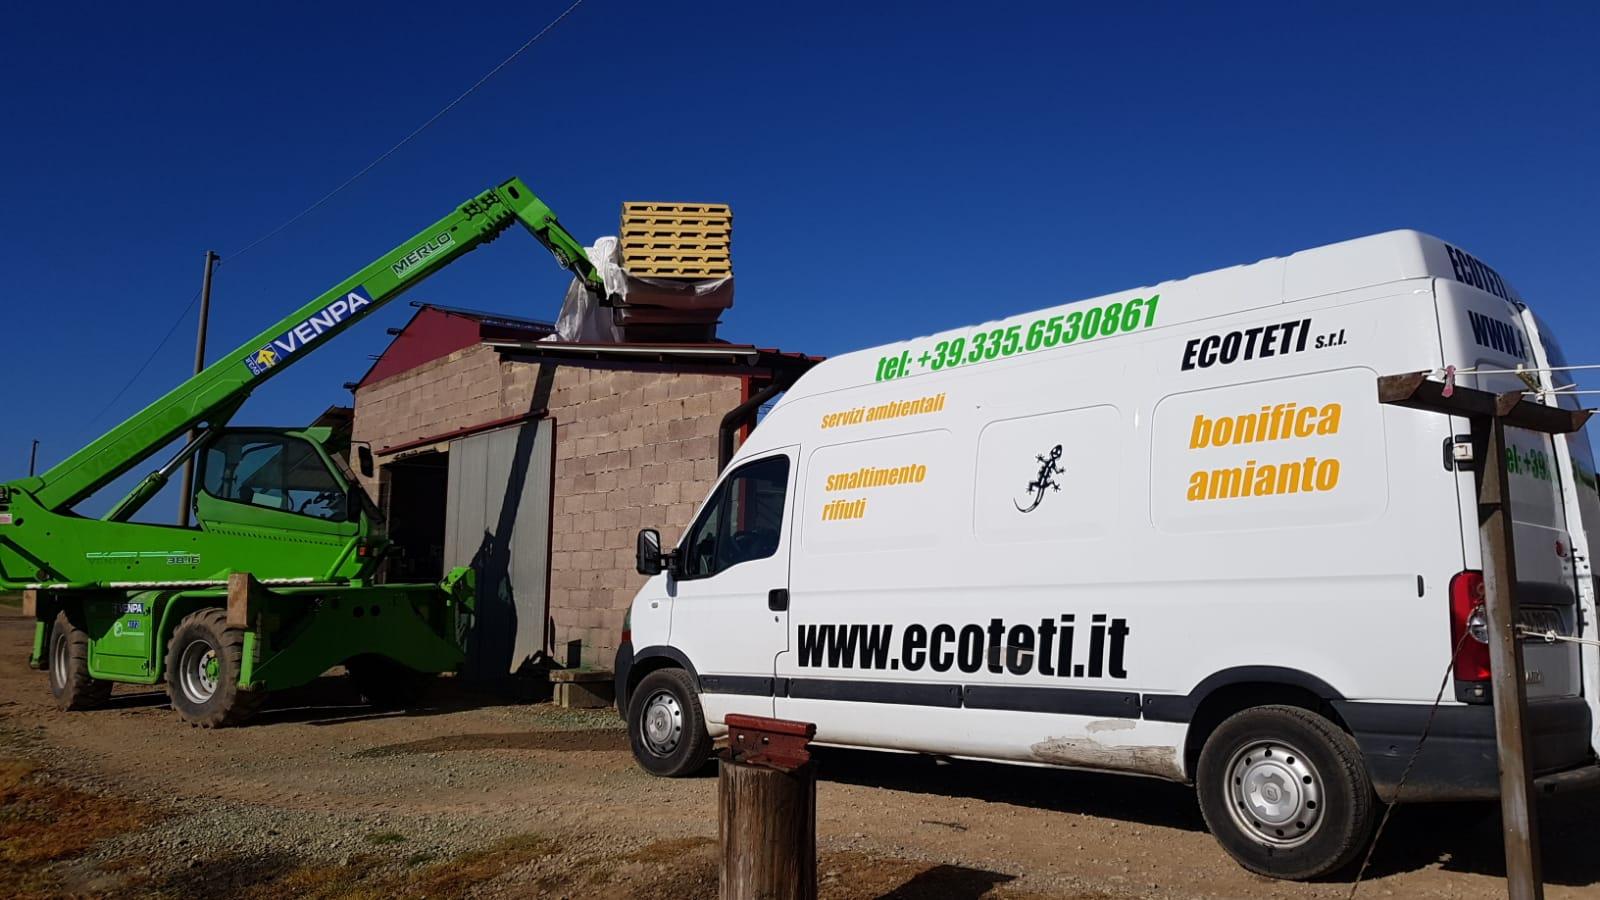 Azienda Agricola Novelli Marsiliana - Bonifica Amianto e ricopertura tetto prefabbricato